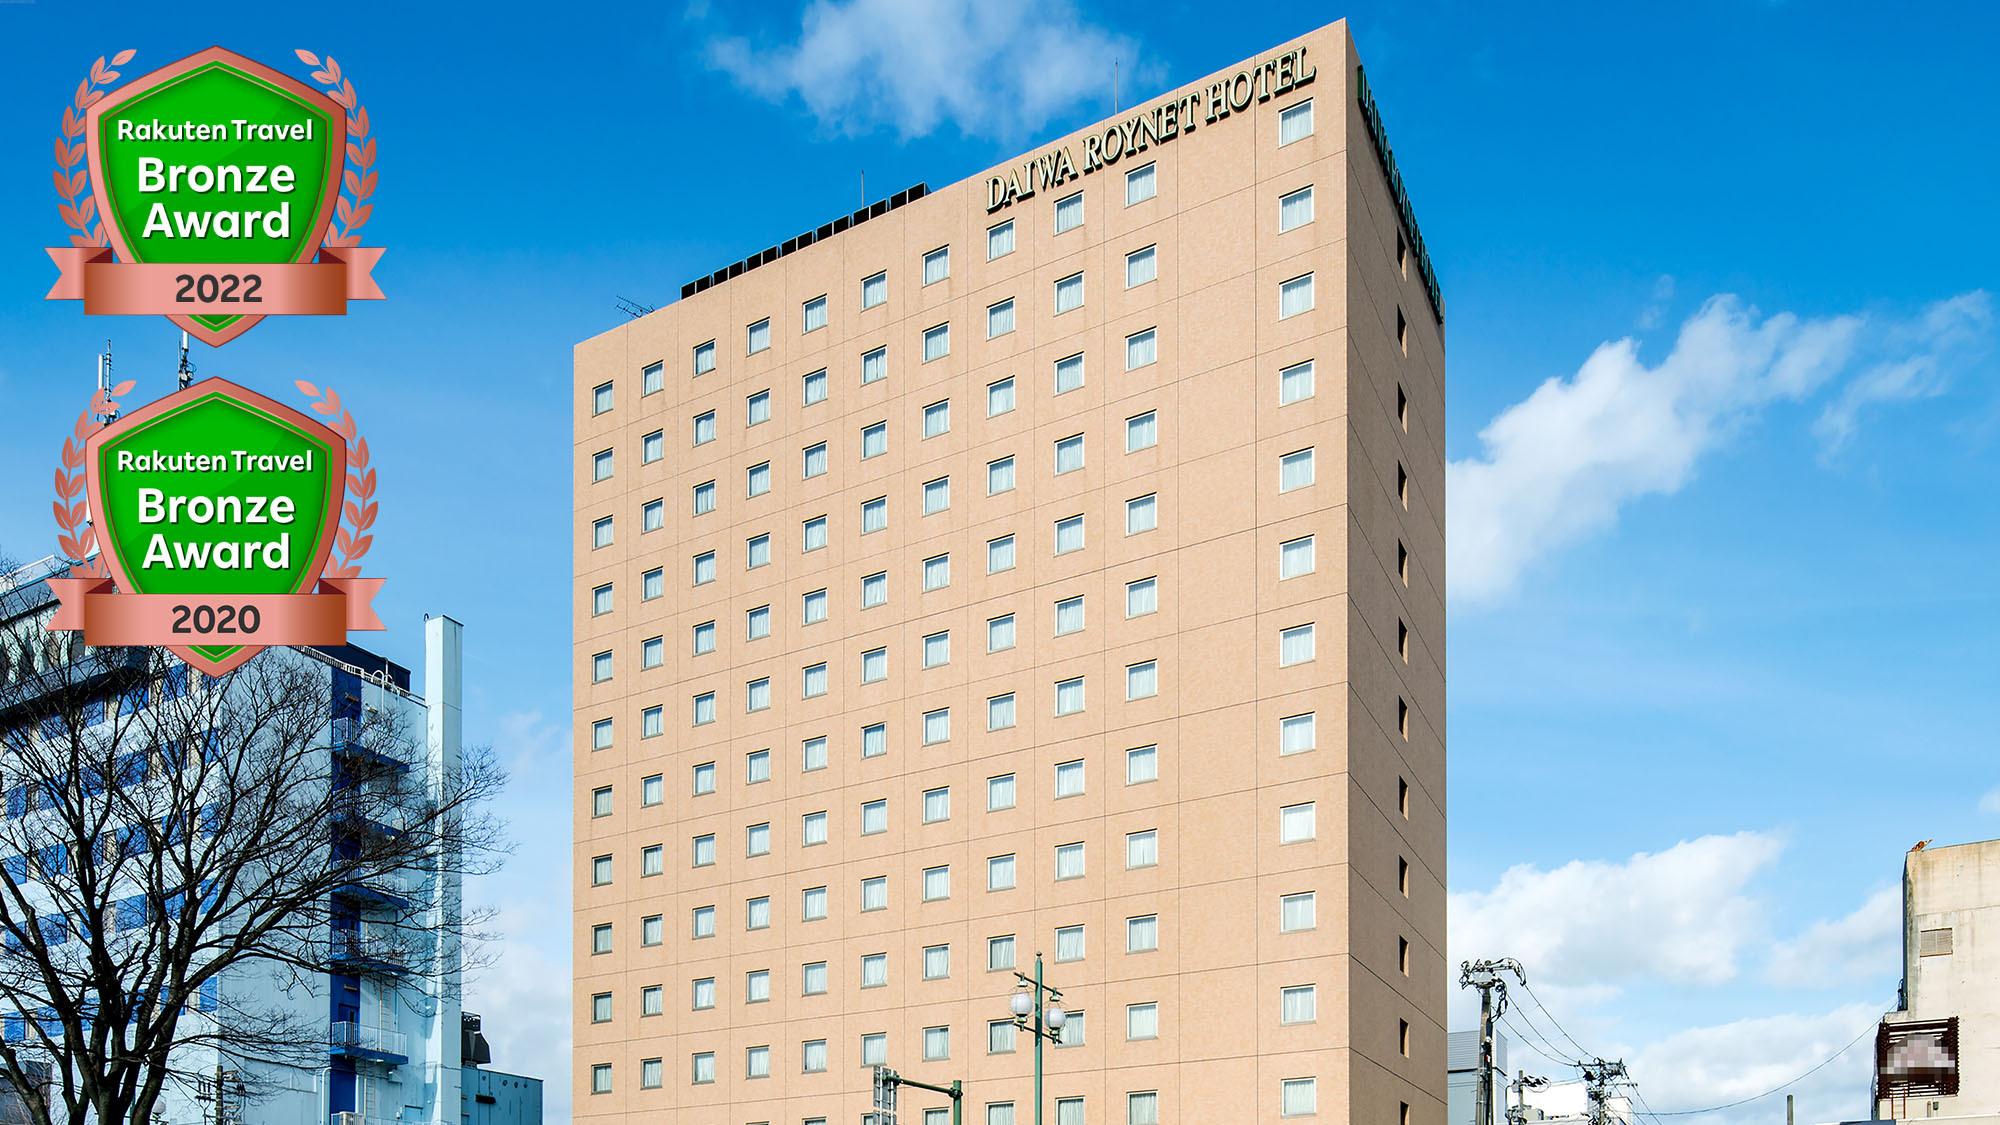 ダイワ ロイネット ホテル 秋田◆楽天トラベル